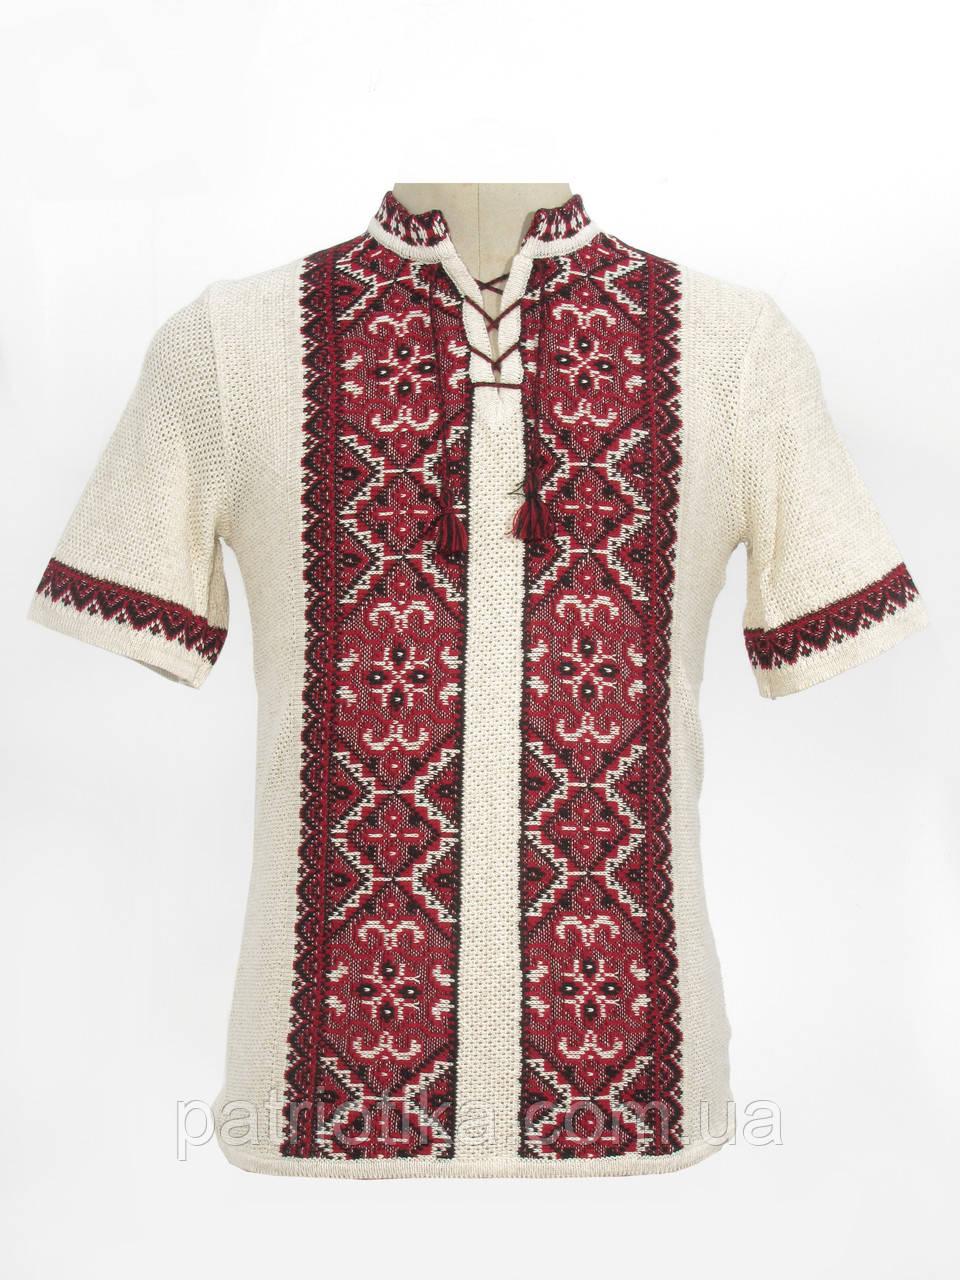 Легкая вязанка на лето Влад красный | Легка в'язанка на літо Влад червоний